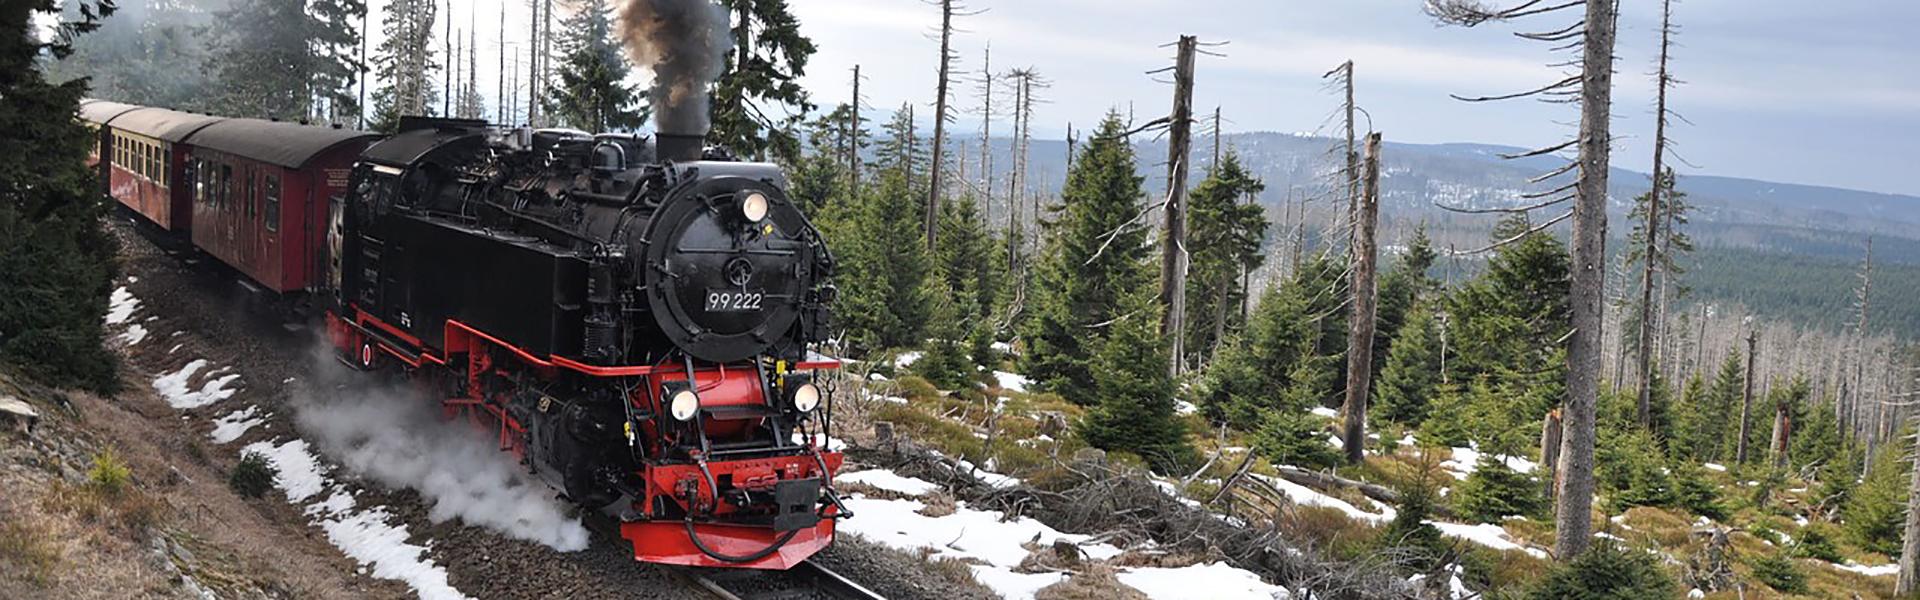 slide4-brocken-railway-2355021_1280